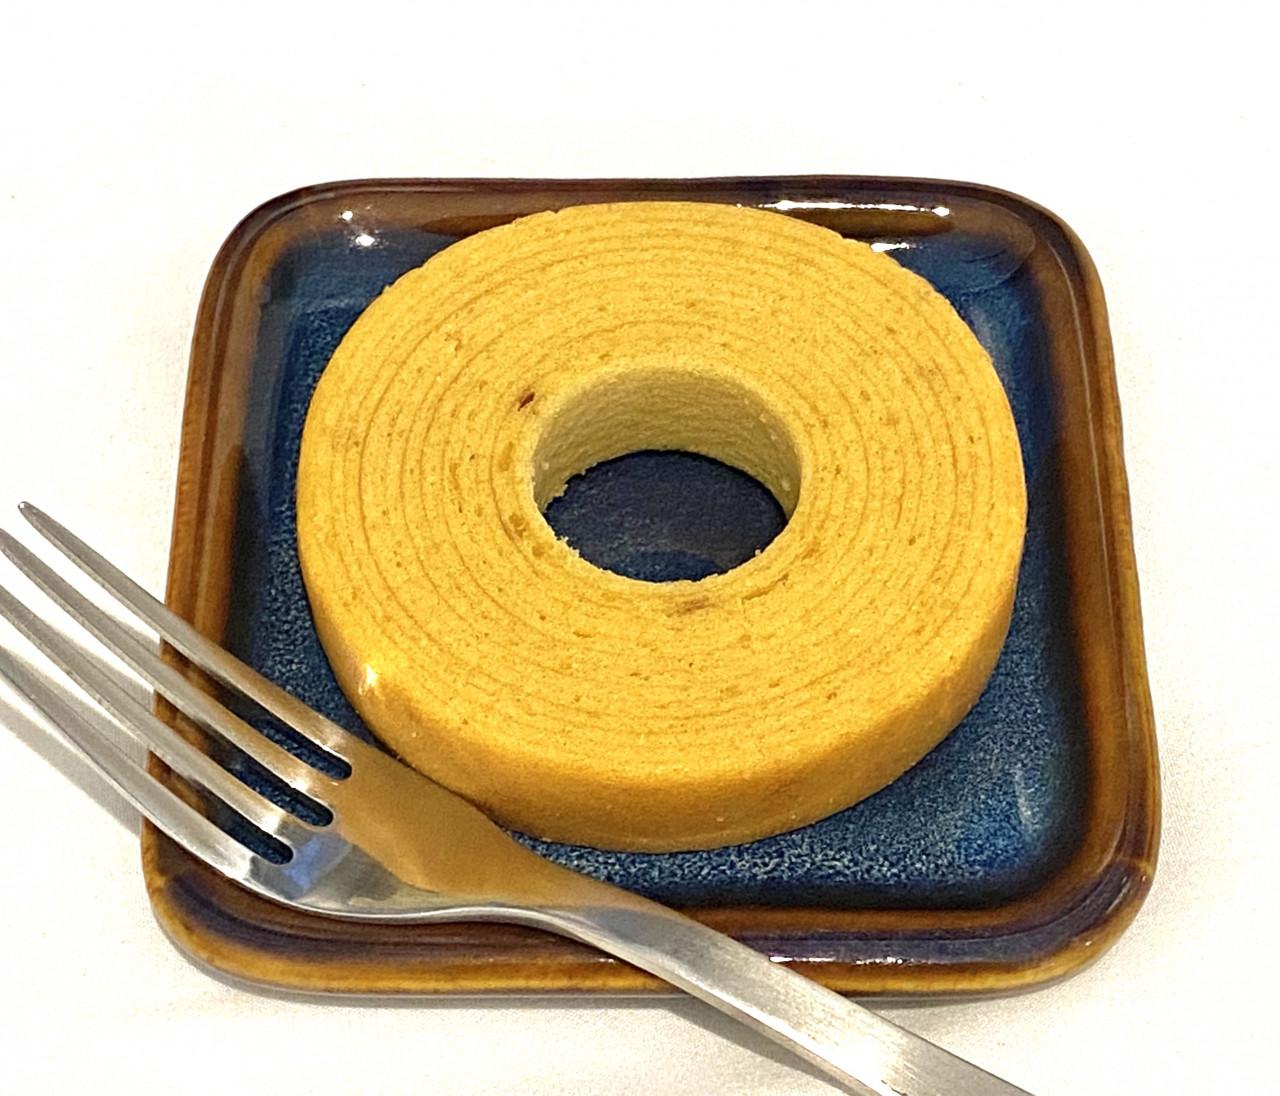 ダイエット中でもOK!ローソンで買える低糖質メニュー4選